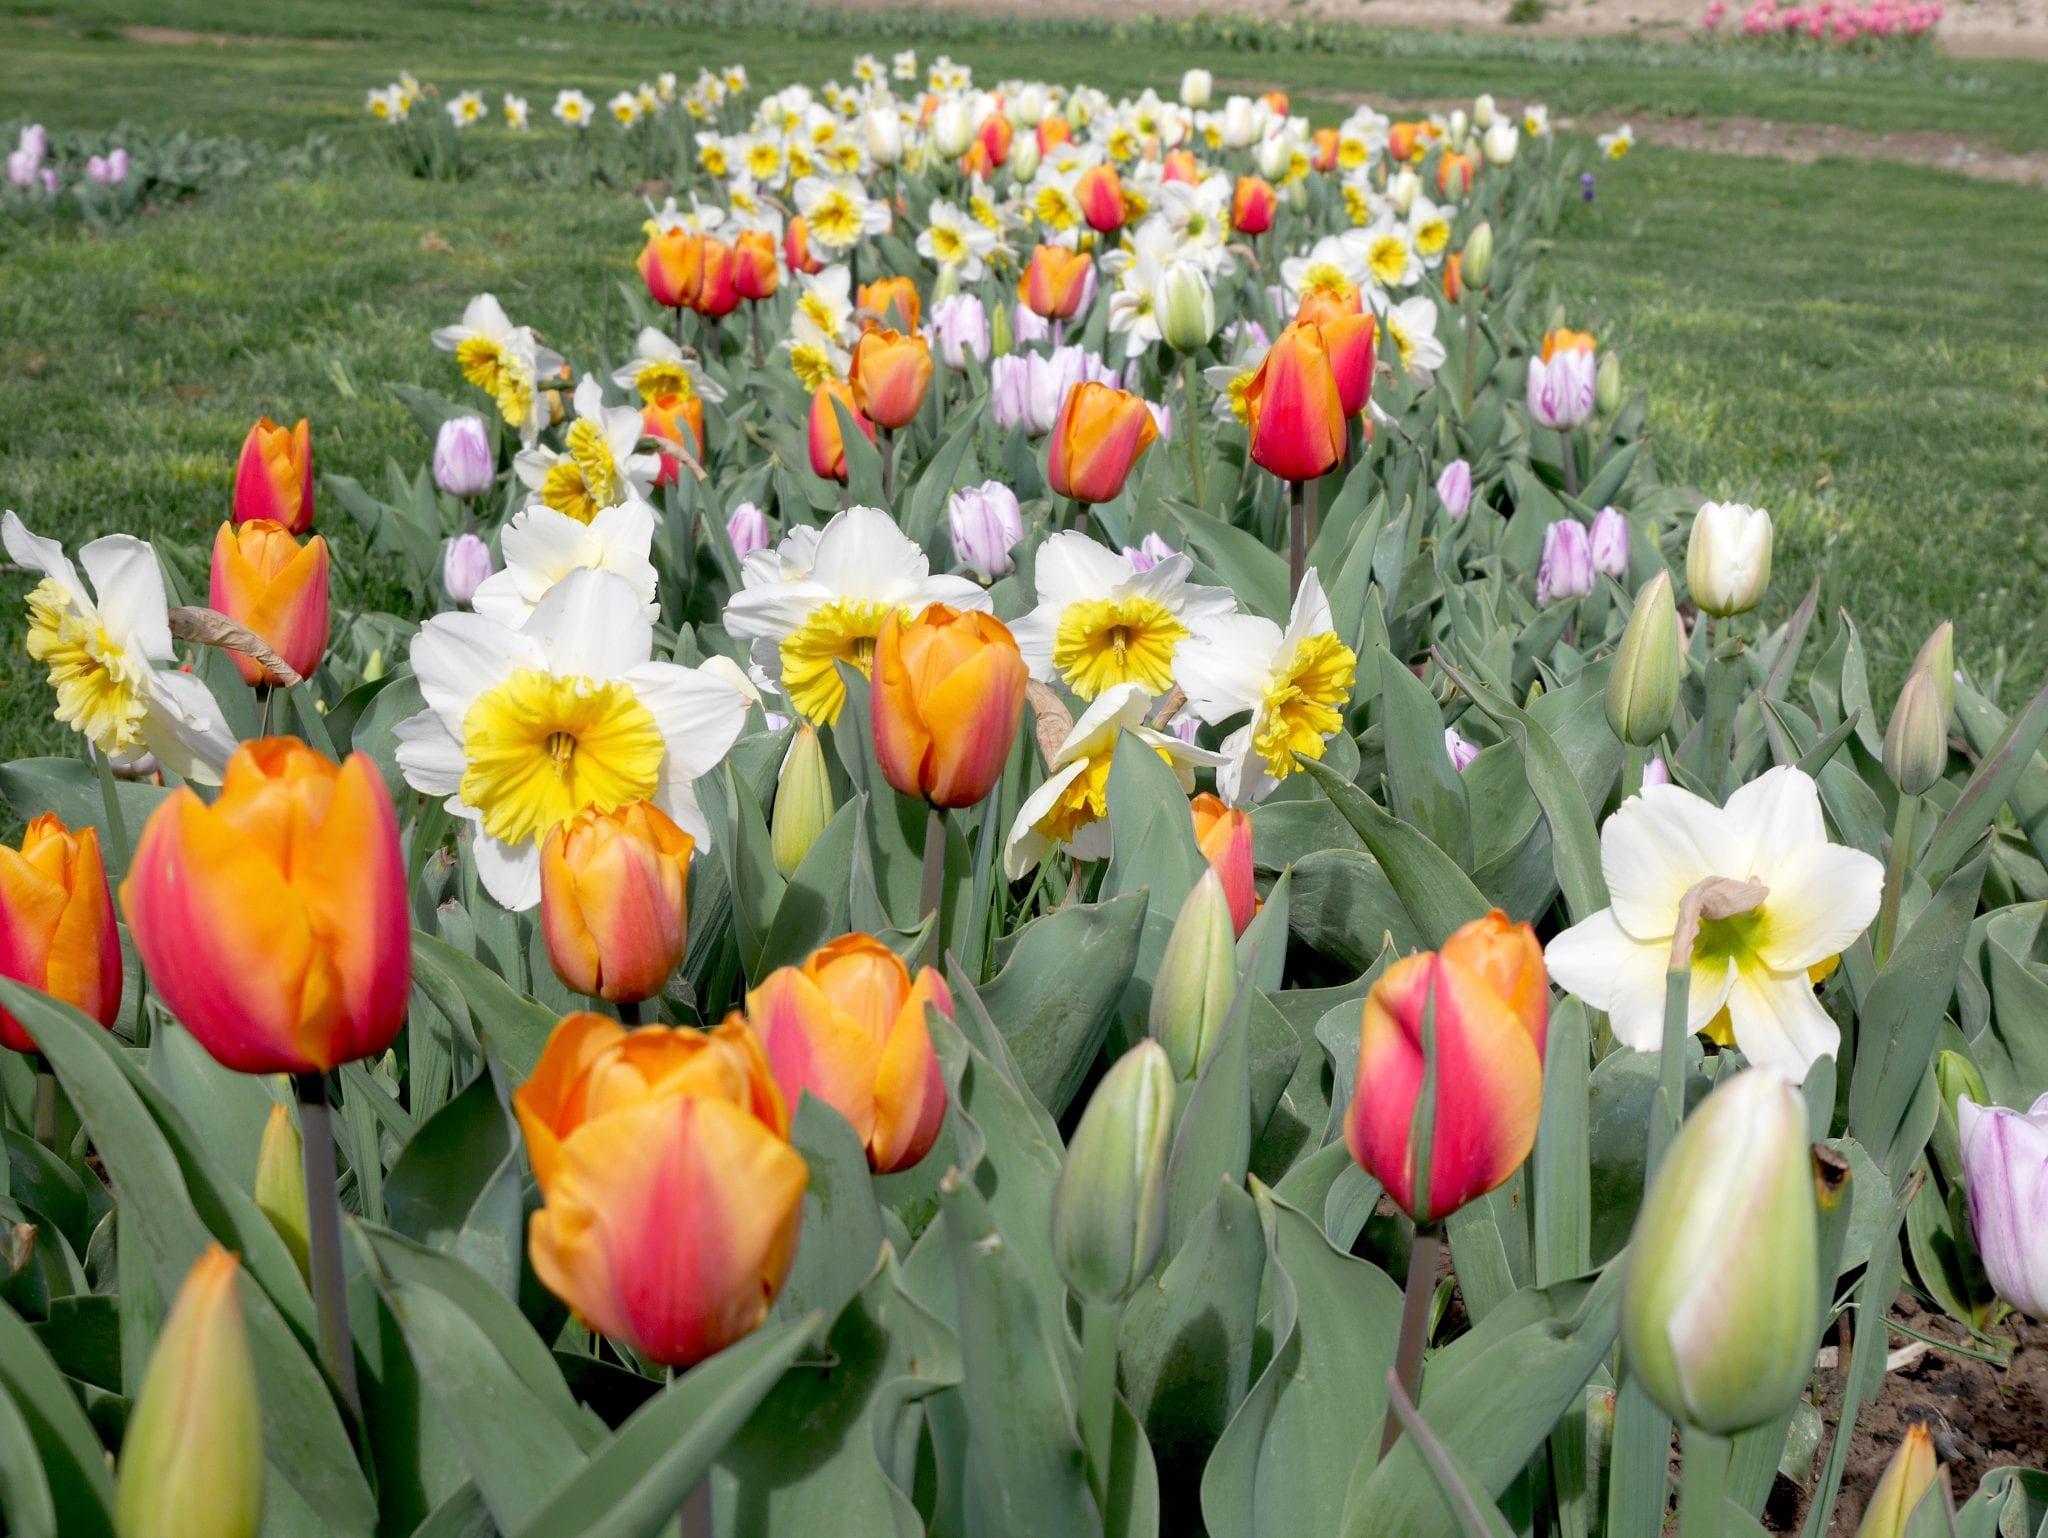 Aiuola tulipani e narcisi - Tulipani in Sardegna - Le Plume